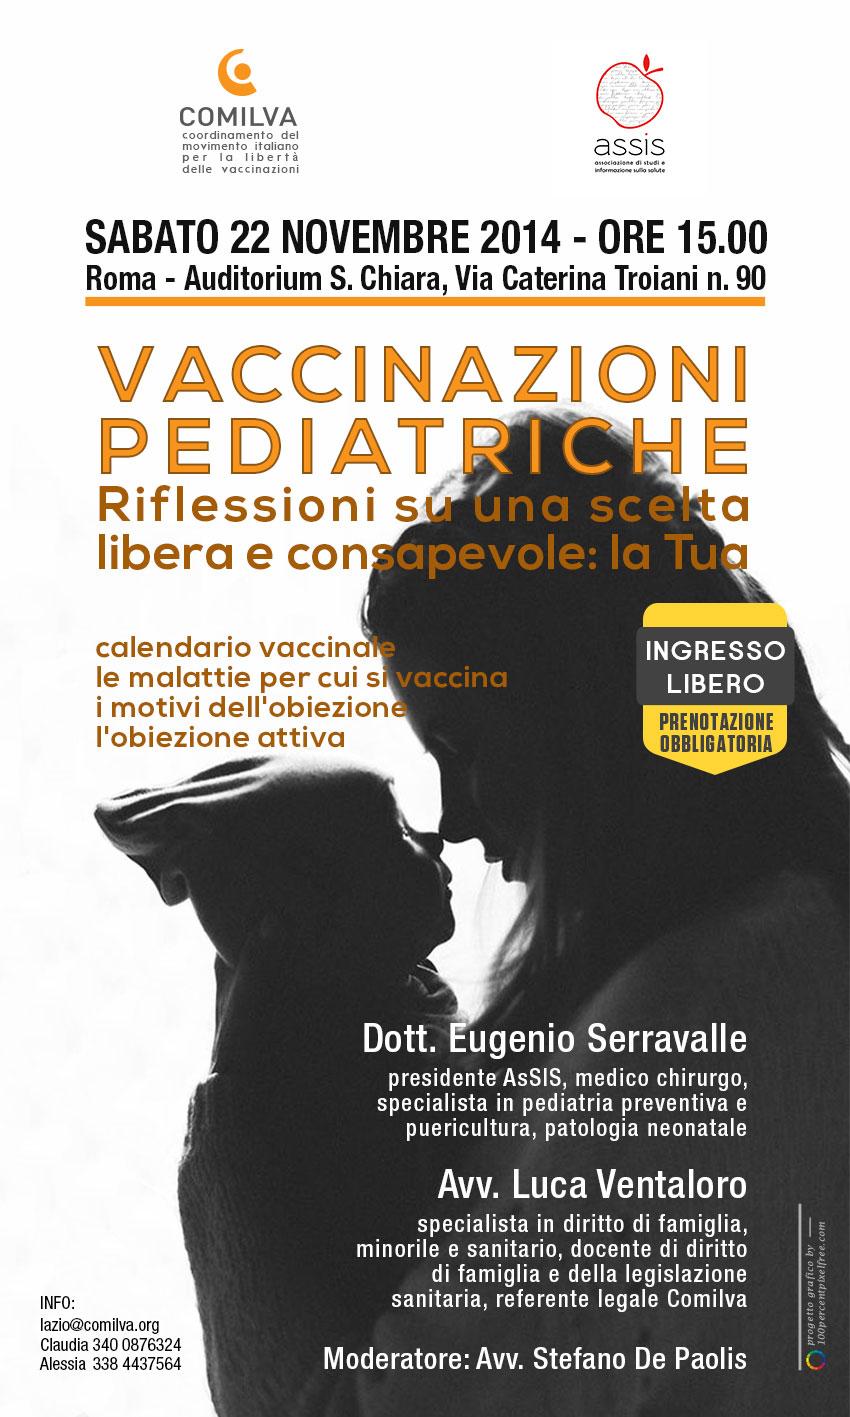 Vaccinazioni dei bambini, due convegni con il dottor Serravalle